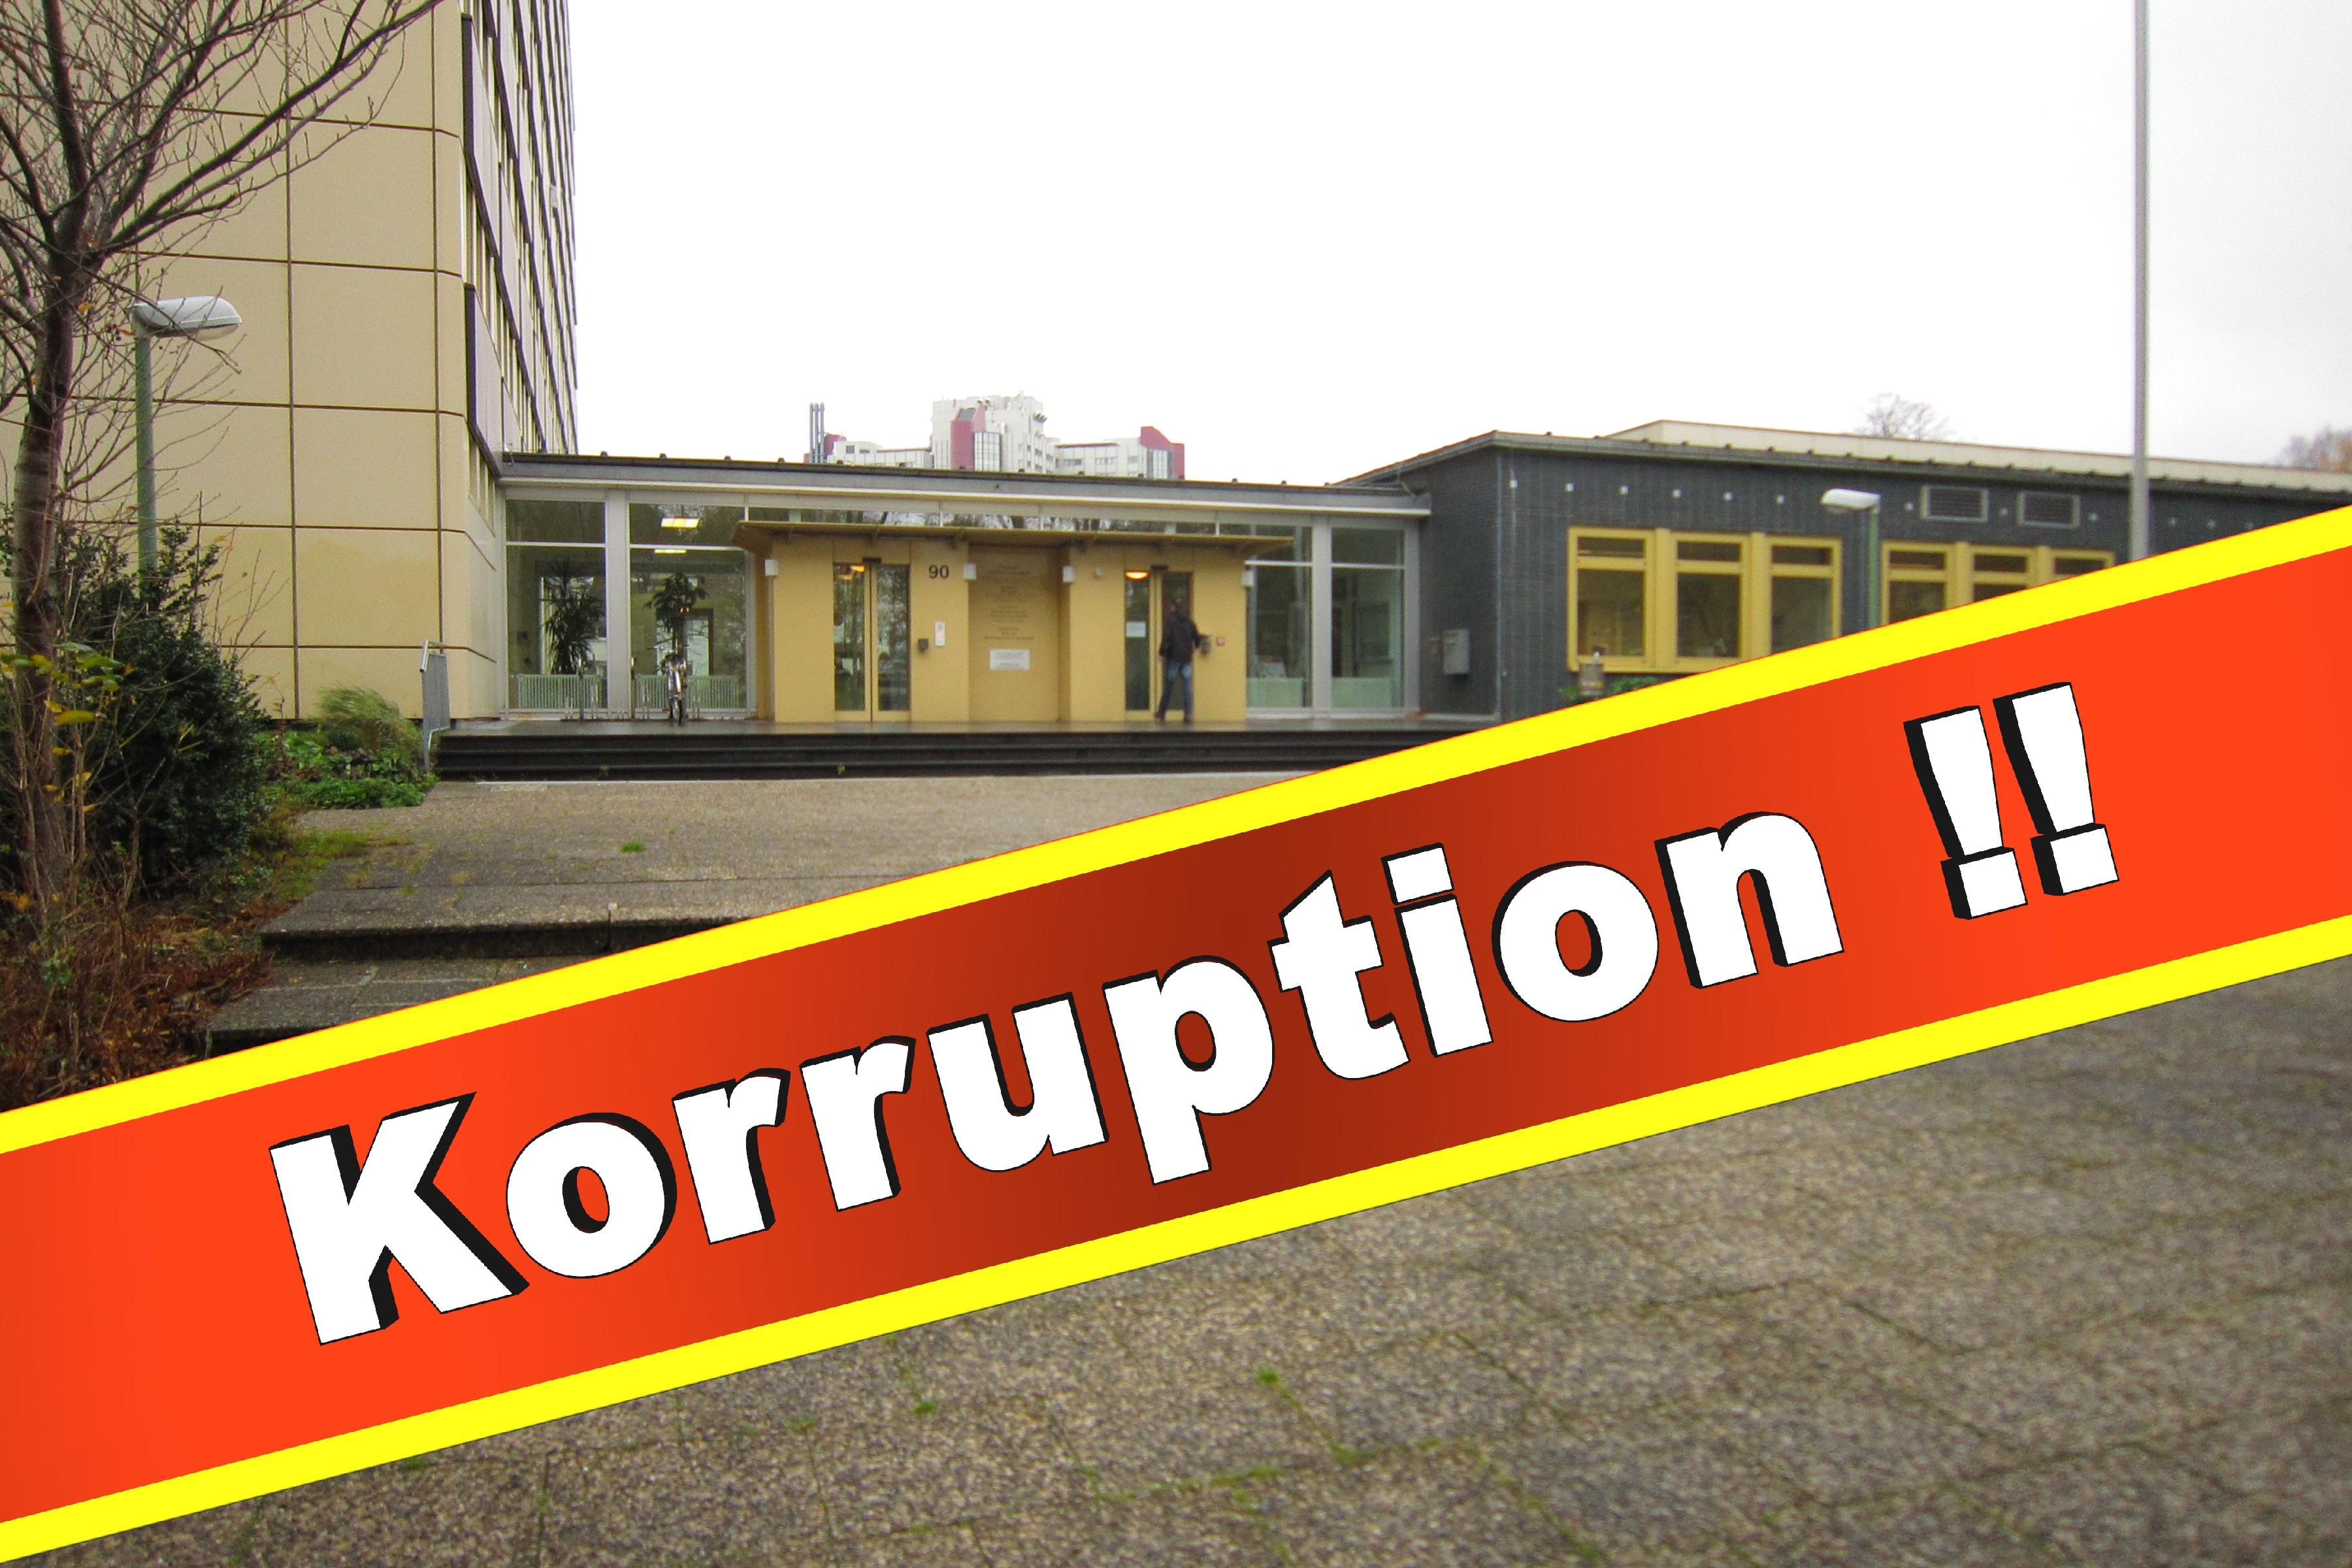 Finanzamt Bielefeld Außenstadt öffnungszeiten Finanzamt Bielefeld Steuerklasse ändern Finanzamt Bielefeld Zuständigkeit Finanzamt Bielefeld Ausbildung (2)